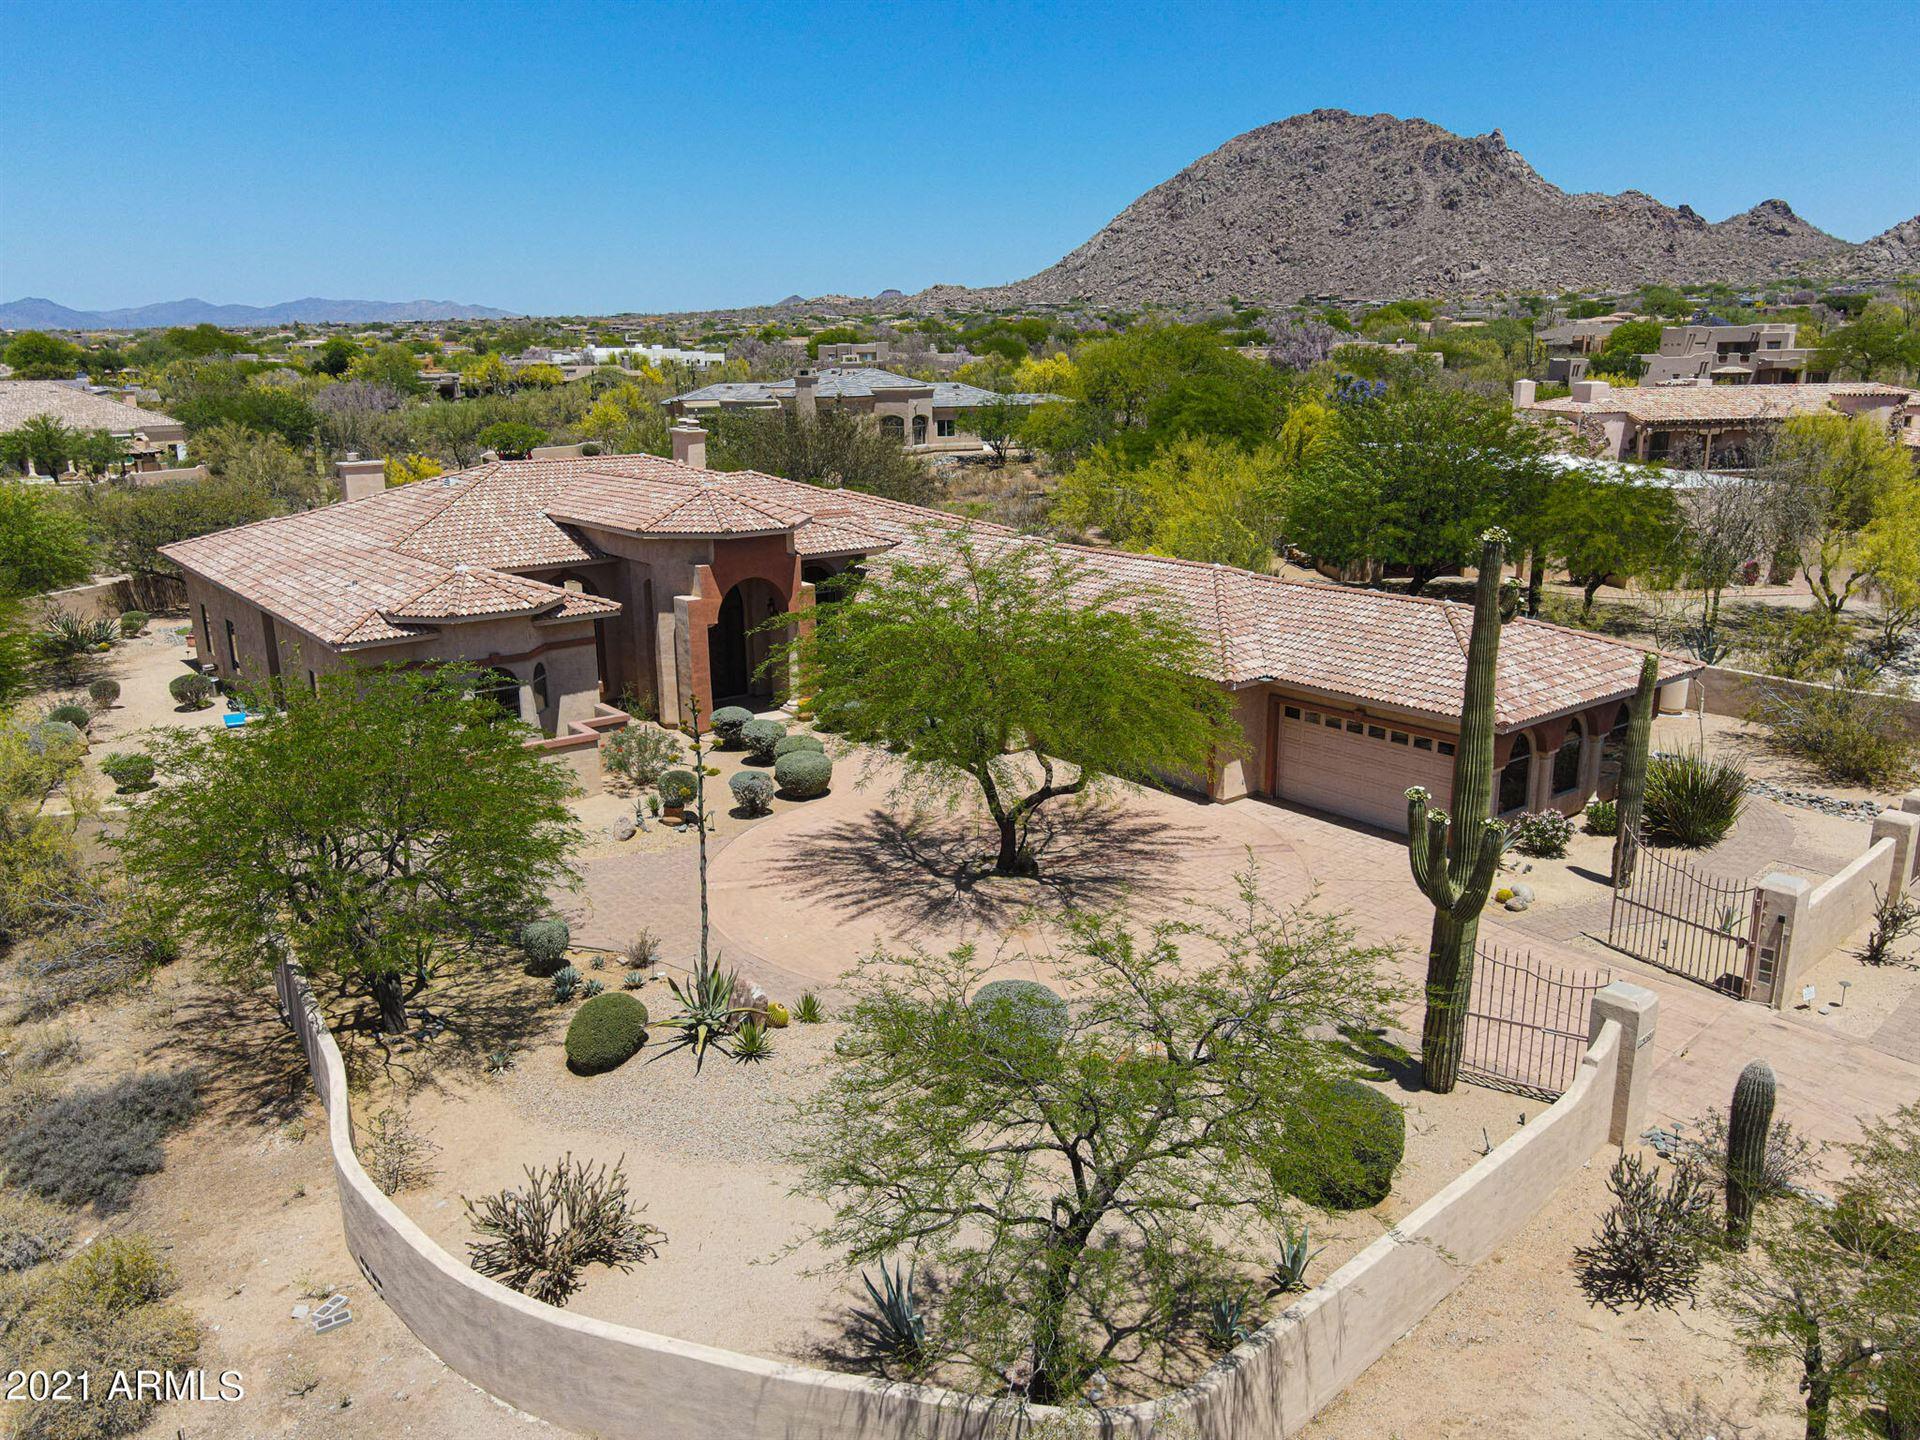 Photo of 9160 E BUCKSKIN Trail, Scottsdale, AZ 85255 (MLS # 6235052)